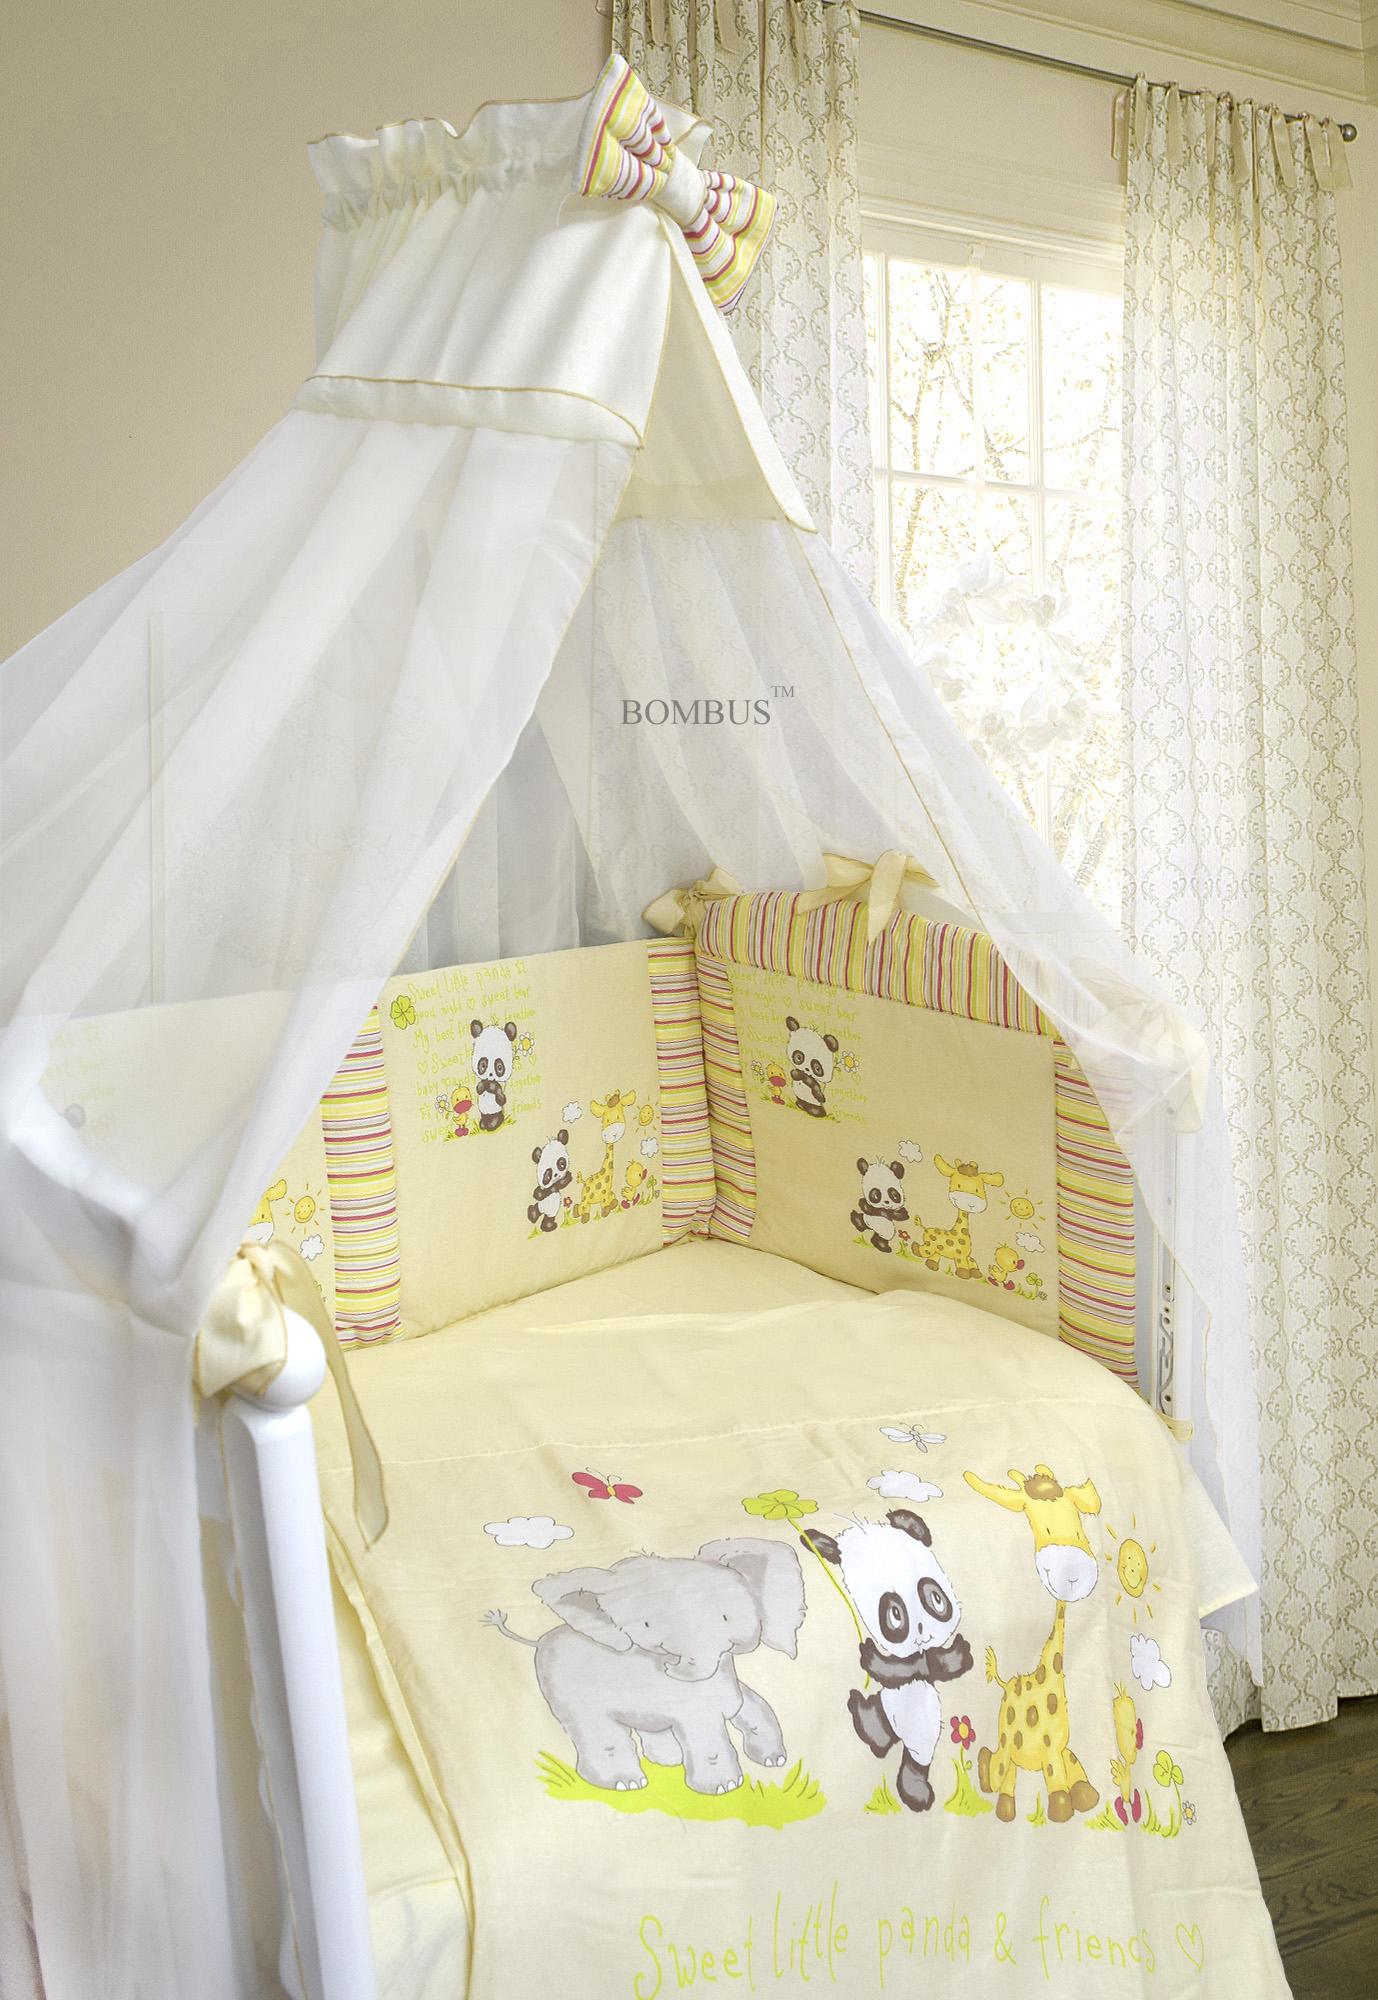 Комплект в кроватку - Панда с друзьямиДетское постельное белье<br>Комплект в кроватку - Панда с друзьями<br>